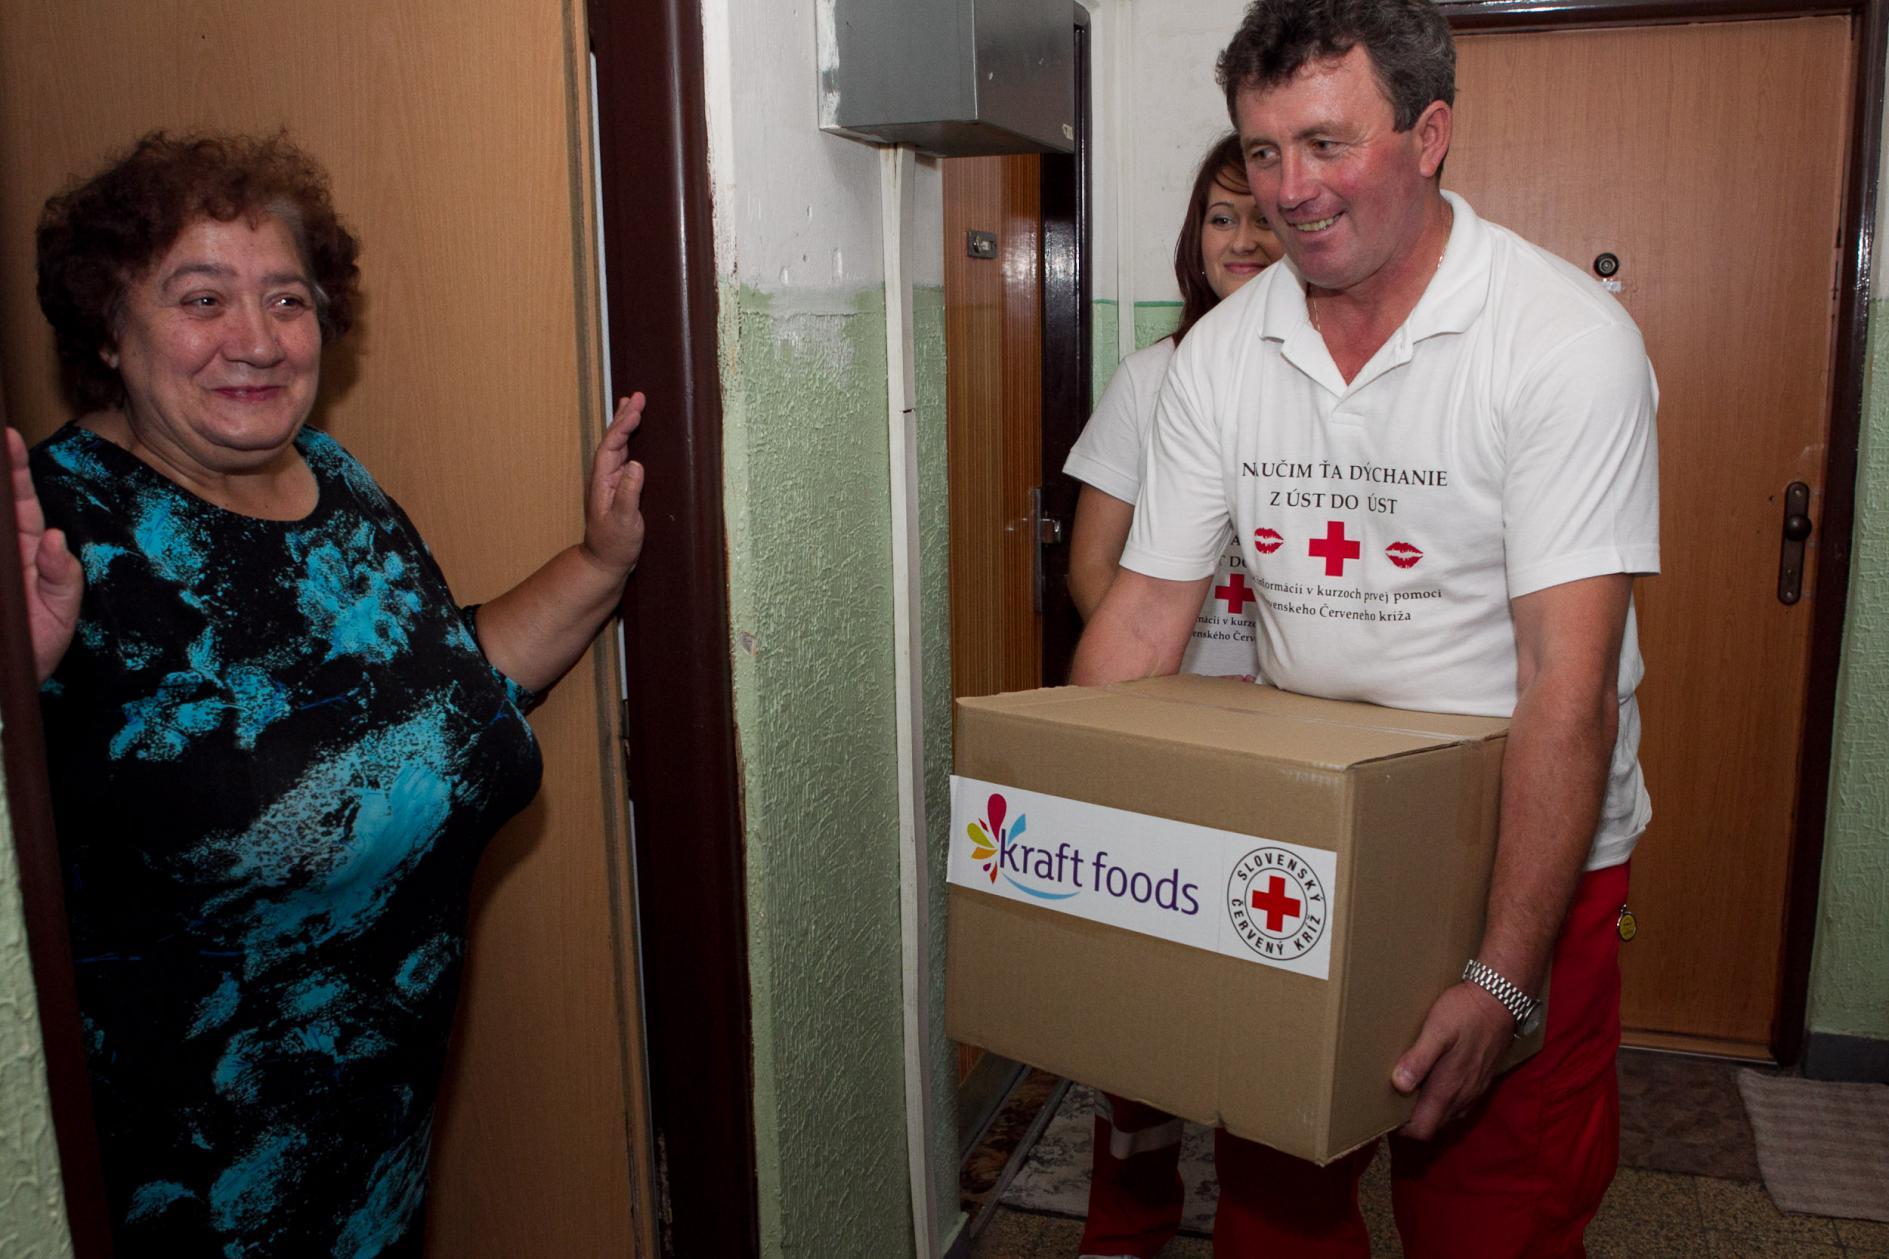 Spoločný projekt Kraft Foods Slovakia a Slovenského Červeného kríža